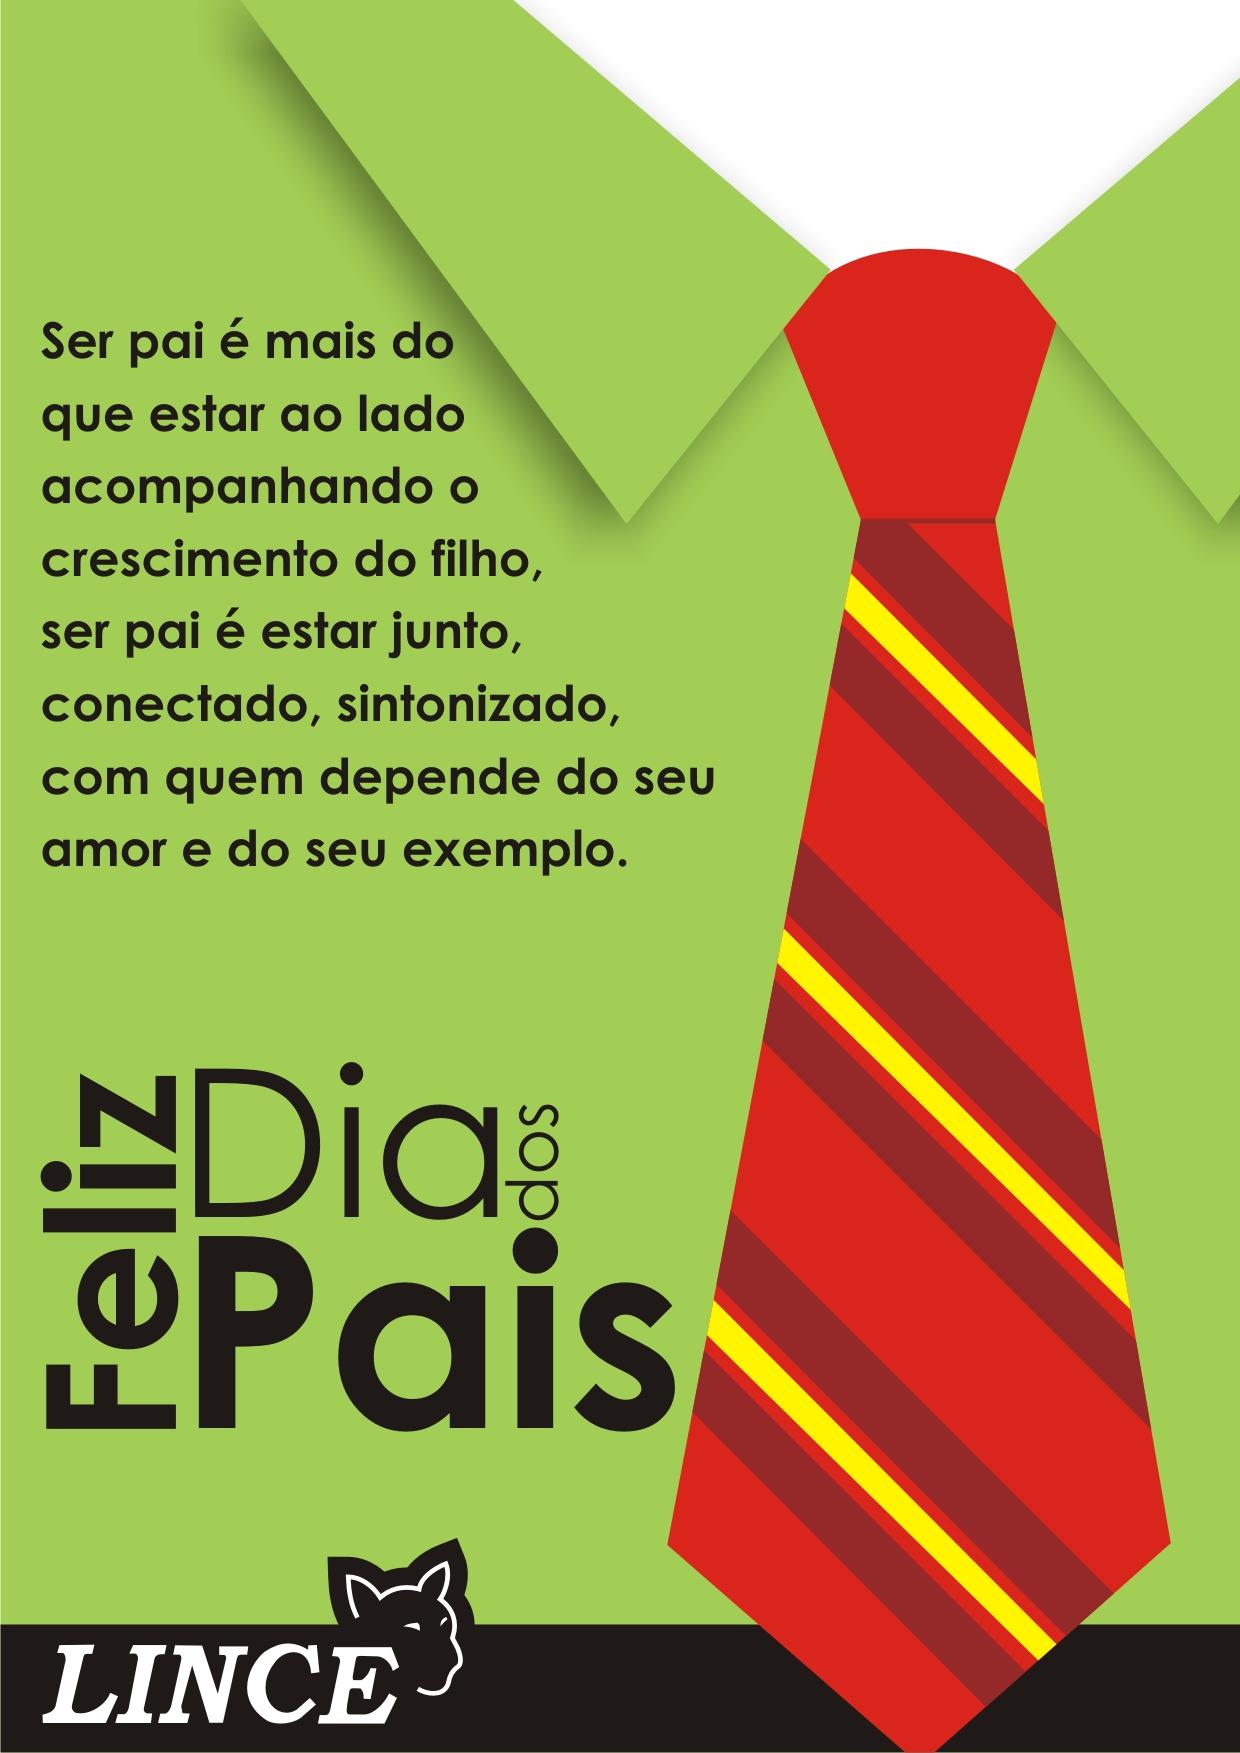 Original Frases Do Dia Dos Pais Evangelicas